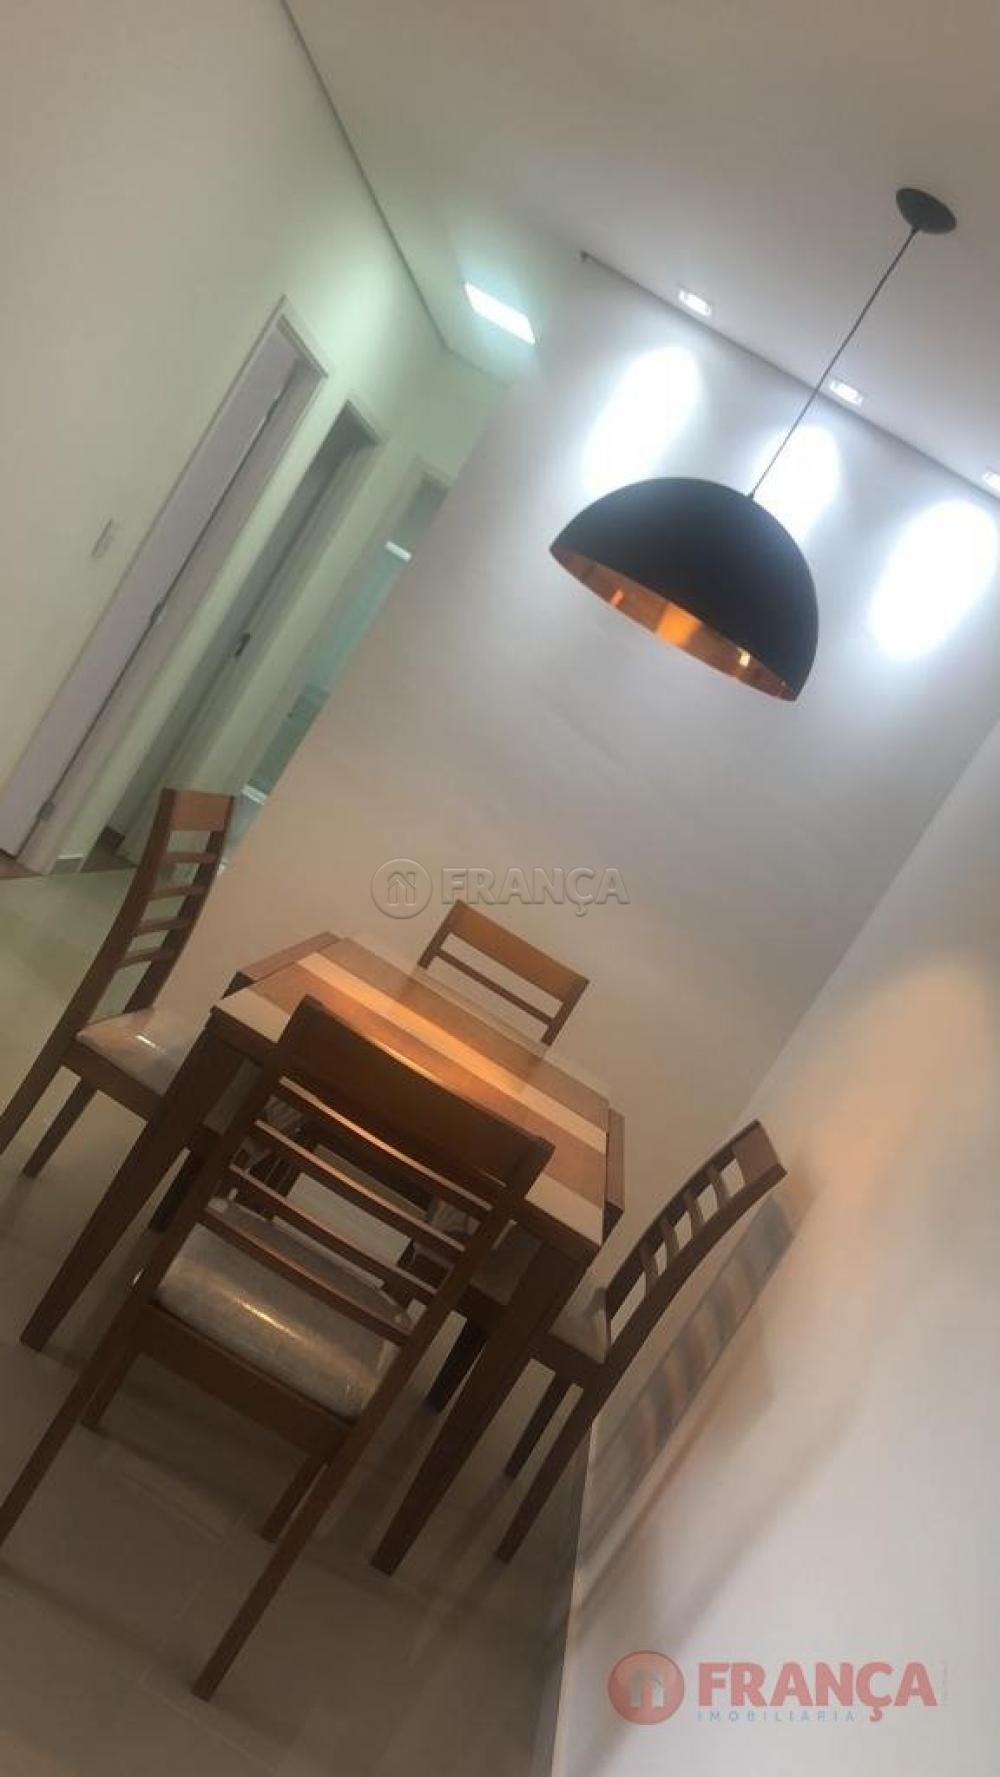 Comprar Apartamento / Padrão em Jacareí R$ 145.000,00 - Foto 5